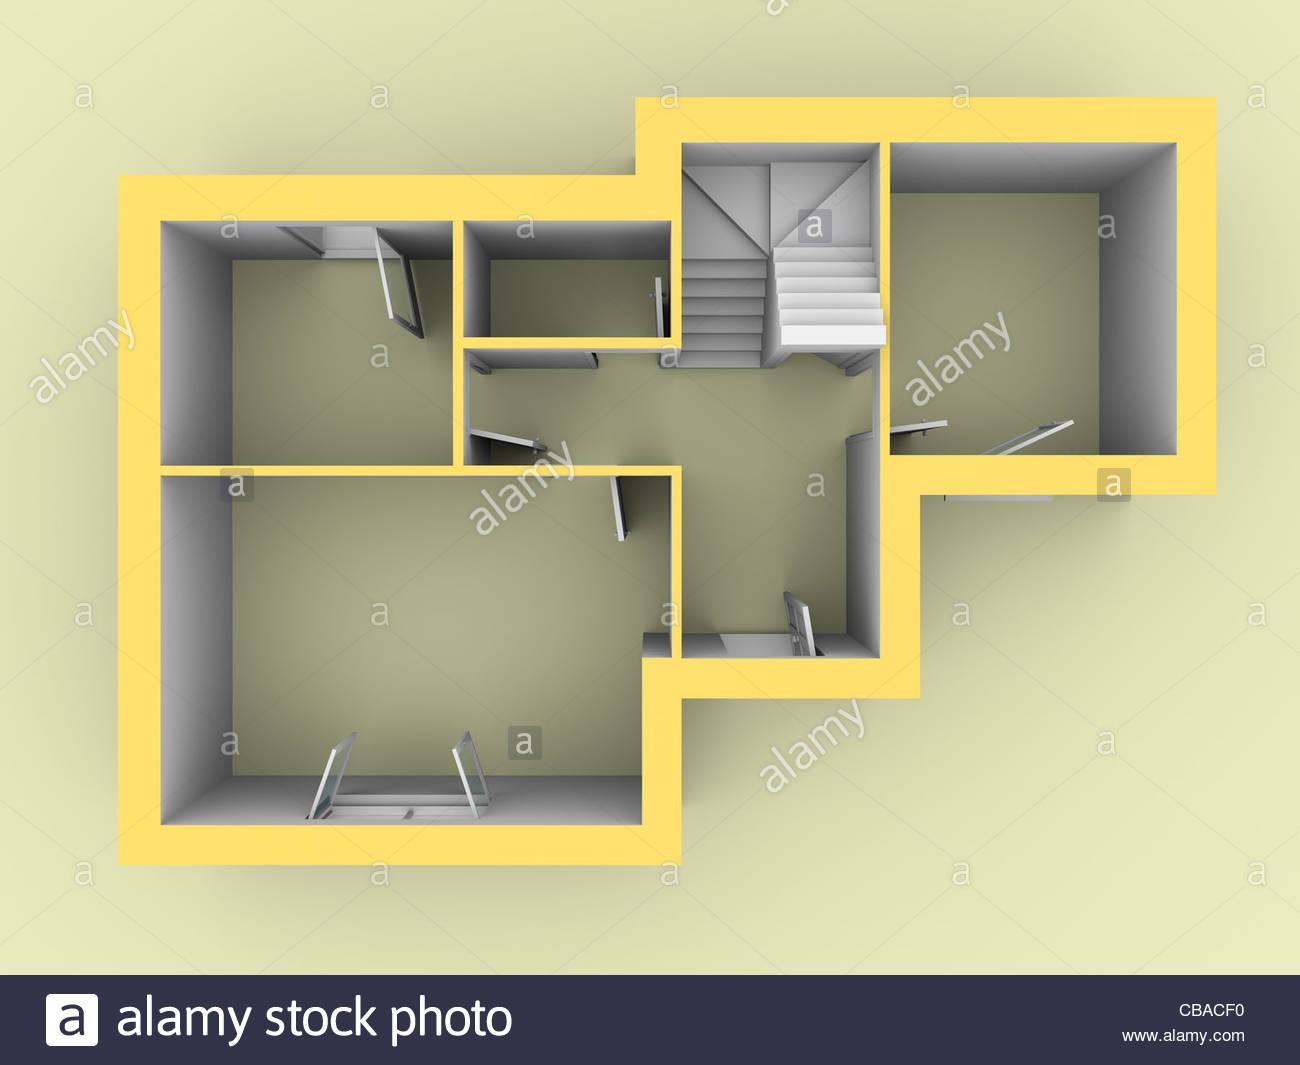 Modelo 3D de una casa como se ve desde la vista superior. Las puertas y ventanas están abiertas Foto de stock